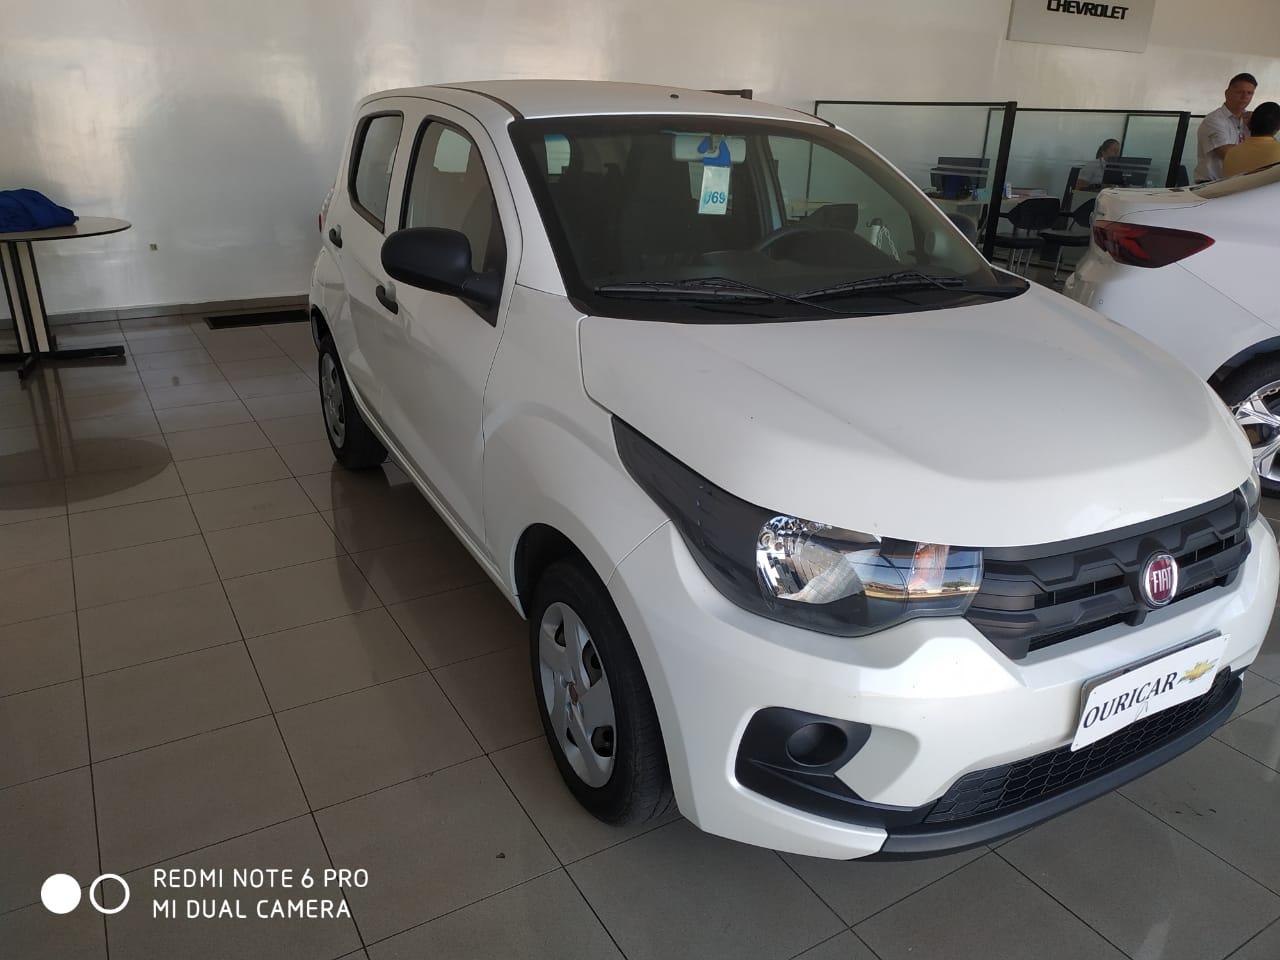 FIAT MOBI EASY ON 1.0 2017